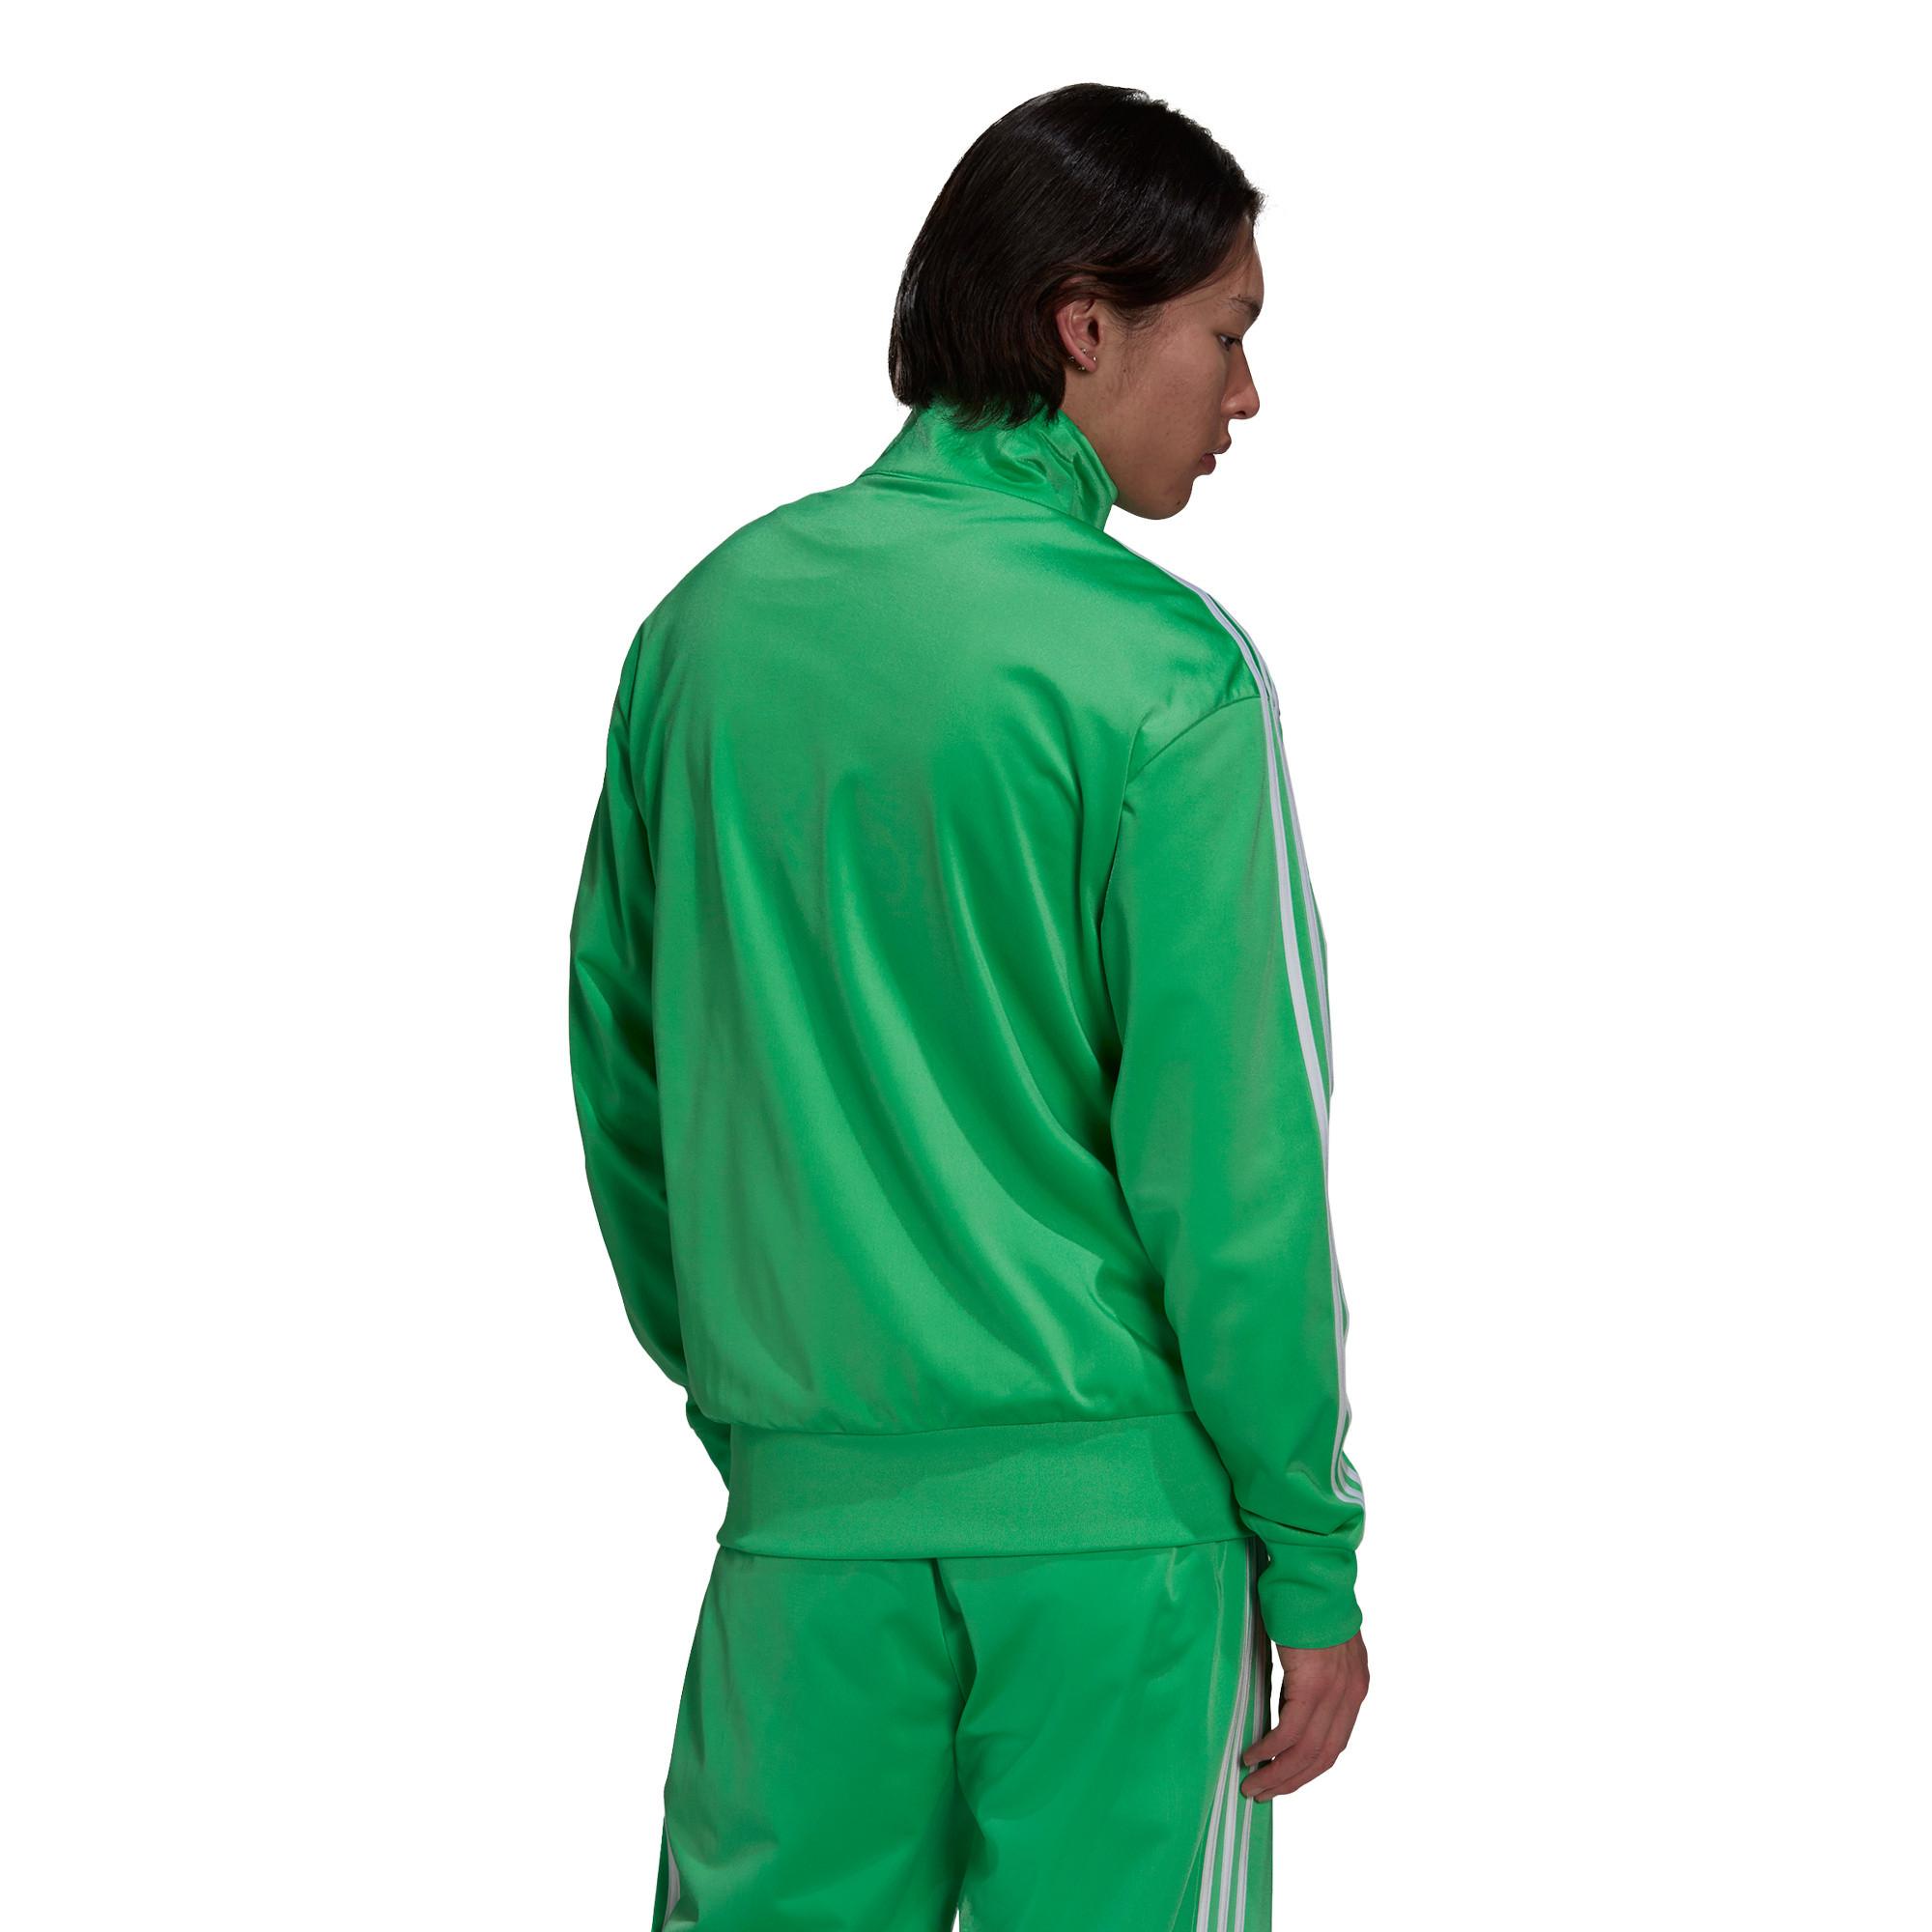 Giacca tuta uomo adicolor Classics Firebird, Verde, large image number 0